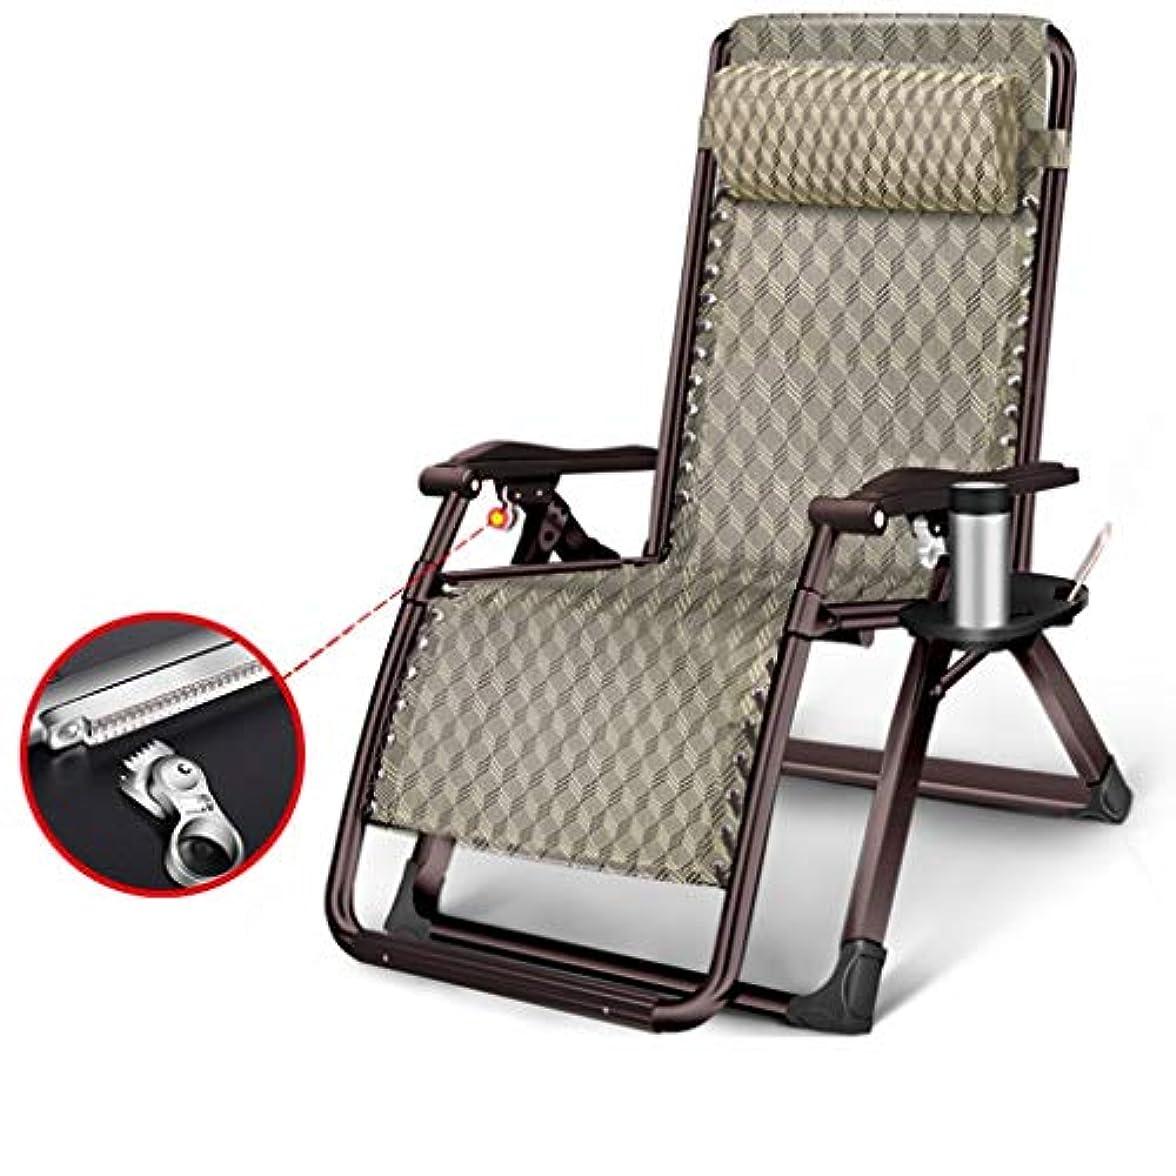 動的目立つ手術DKJH サンラウンジャー、折りたたみ式の昼休み用の椅子、オフィス用のラウンジチェア、多目的チェア、屋外用リクライニングチェア (色 : A)